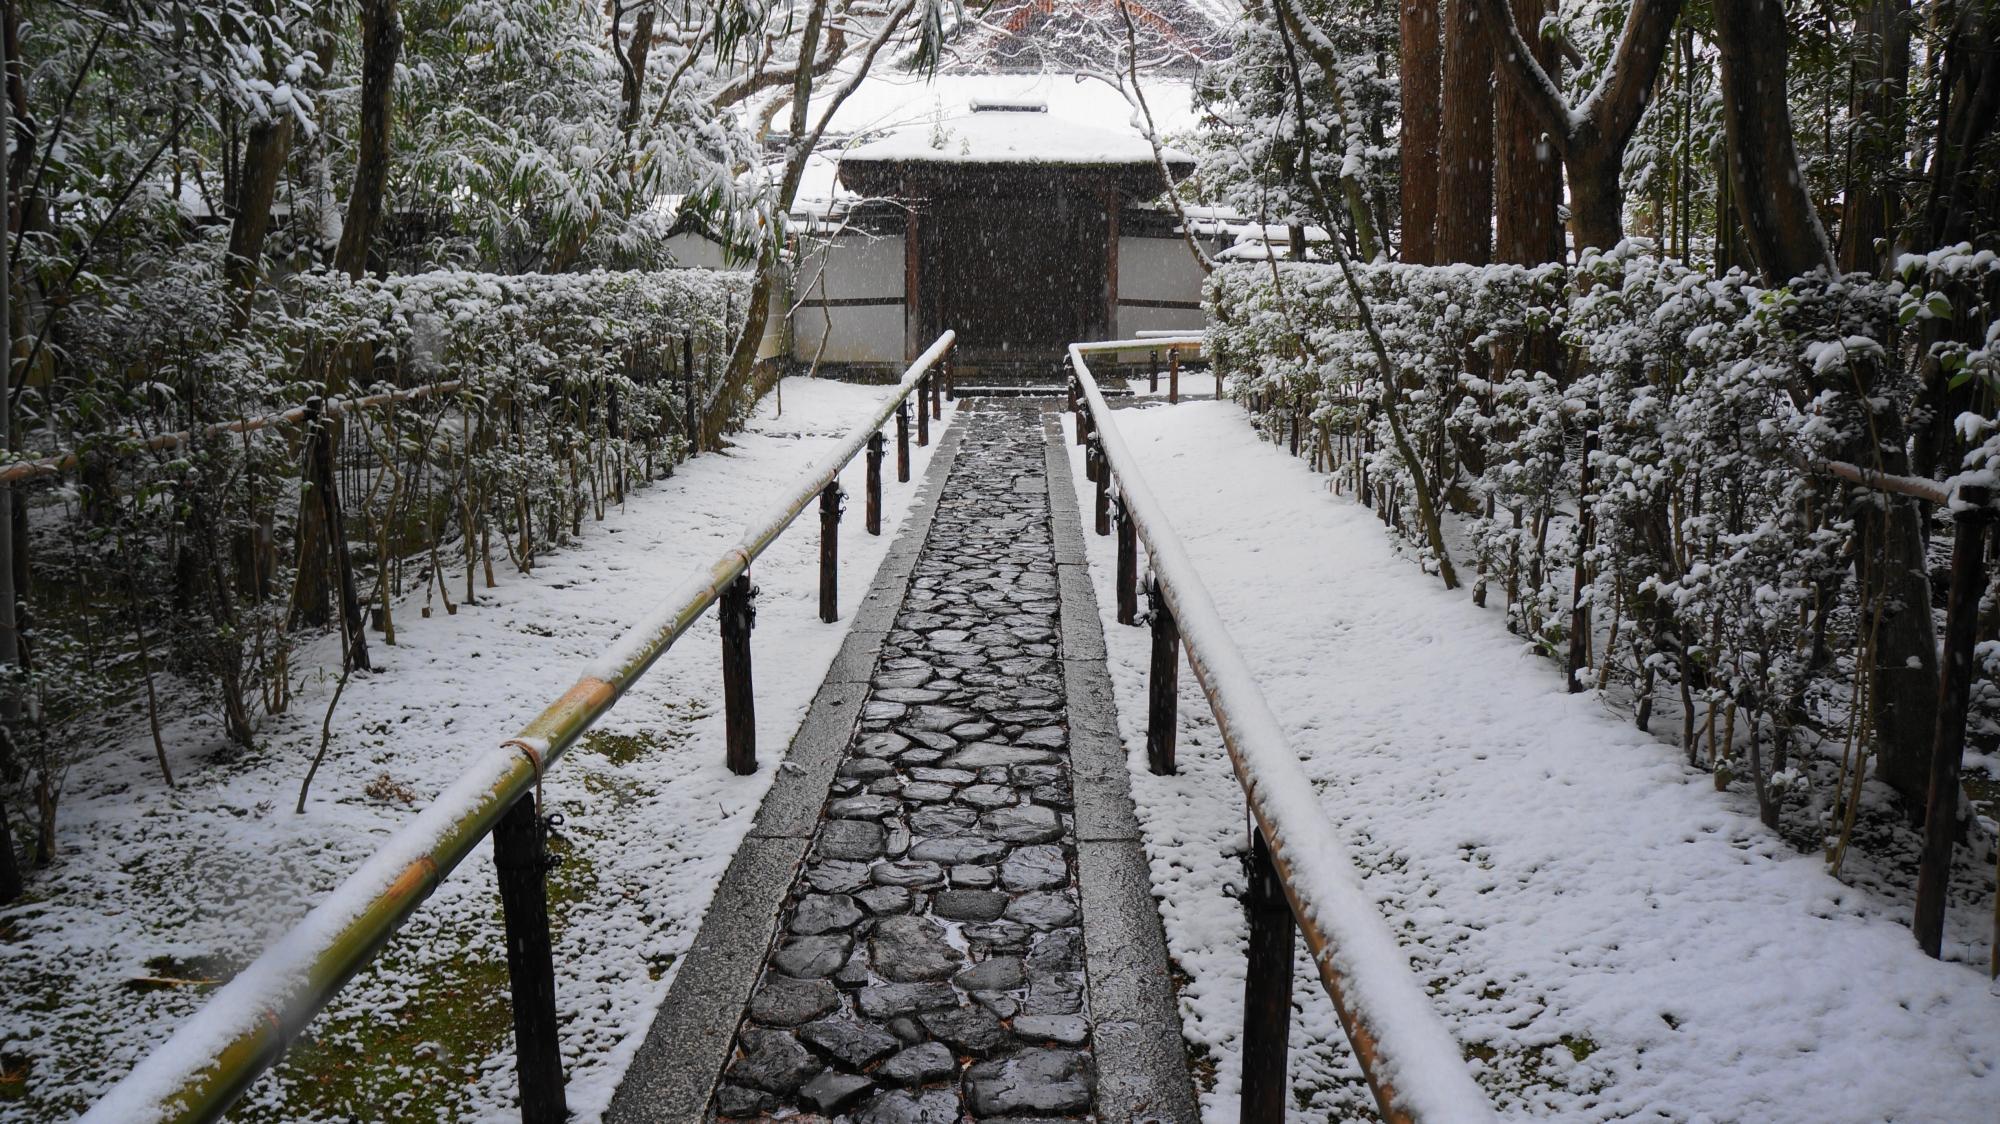 高桐院の唐門と参道の雪景色